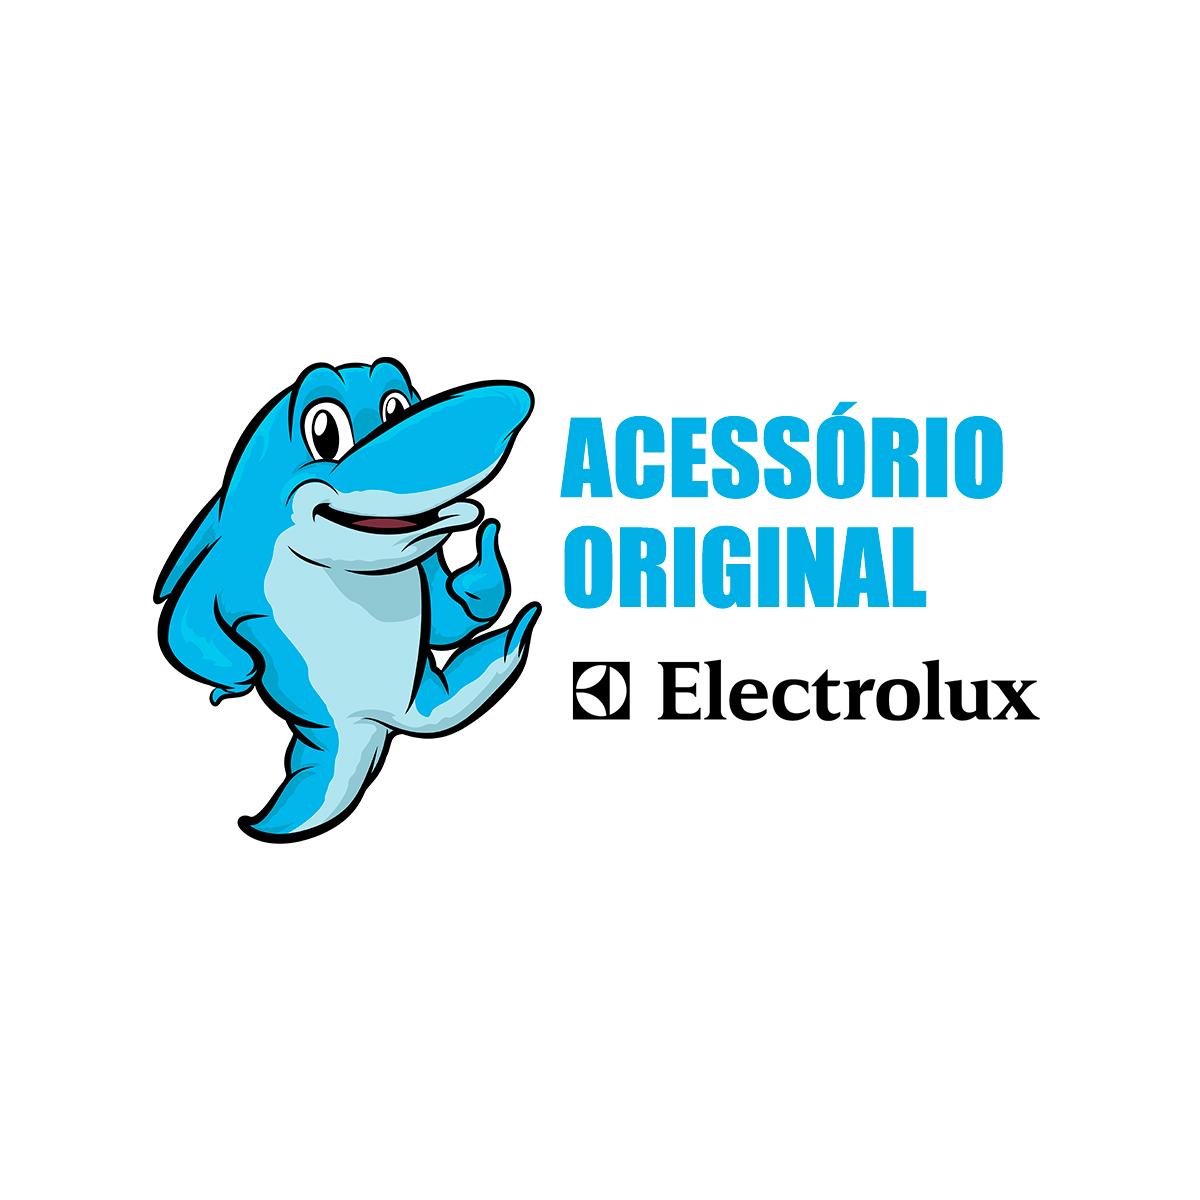 Kit Saco descartável para Aspirador de pó Electrolux One, Trio, Max Trio, Go, Ingenio, Twenty, Sonic 3un Original